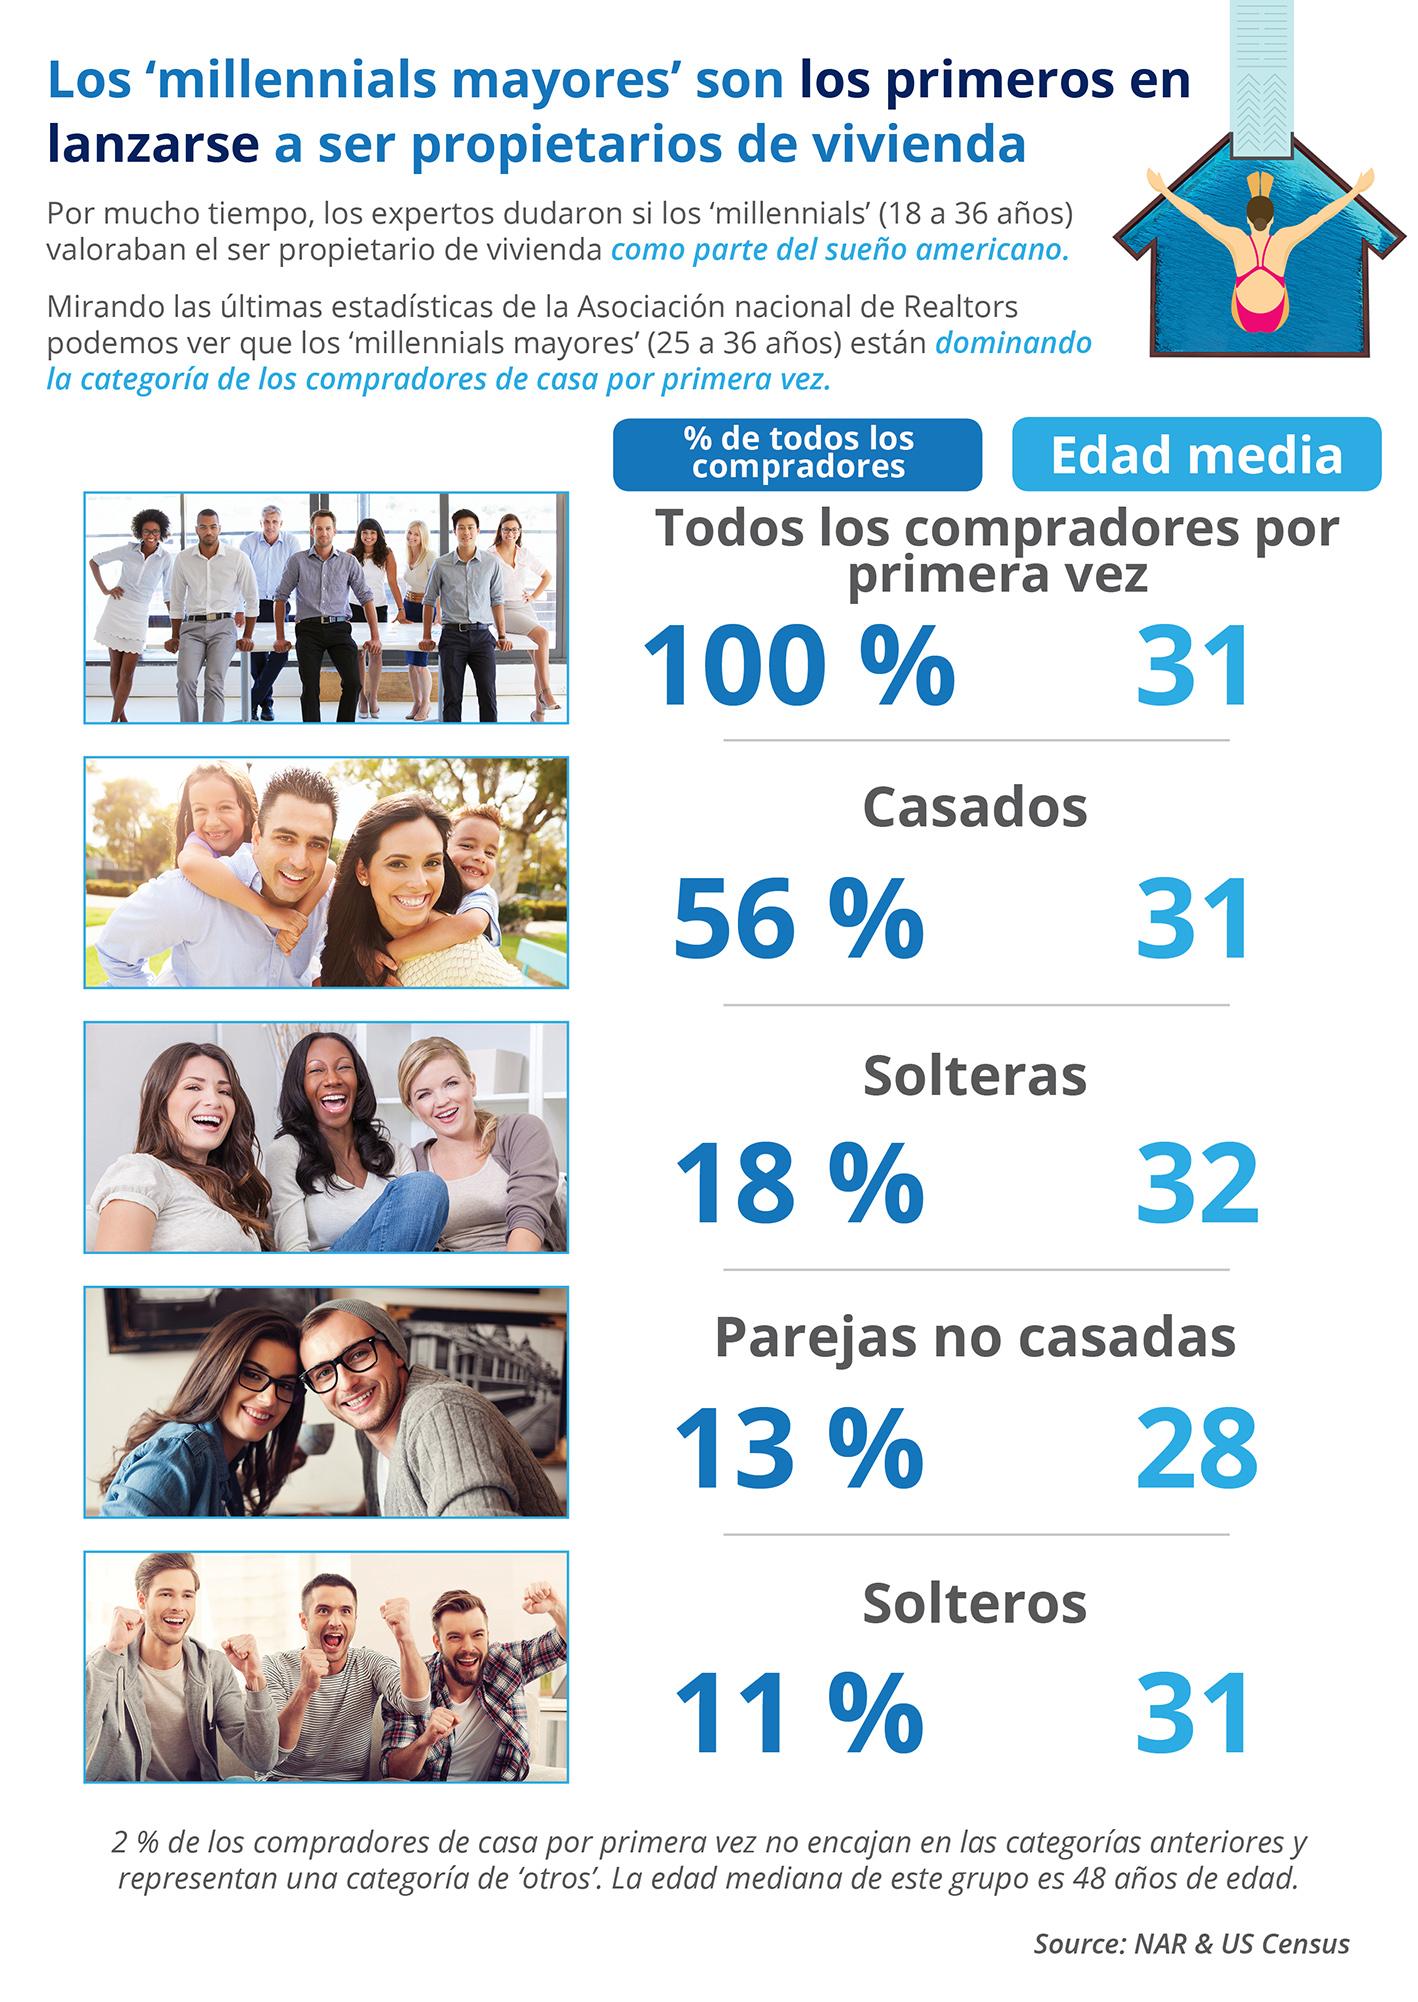 Los 'millennials mayores' son los primeros en lanzarse a ser propietarios de vivienda [infografía]| Simplifying The Market